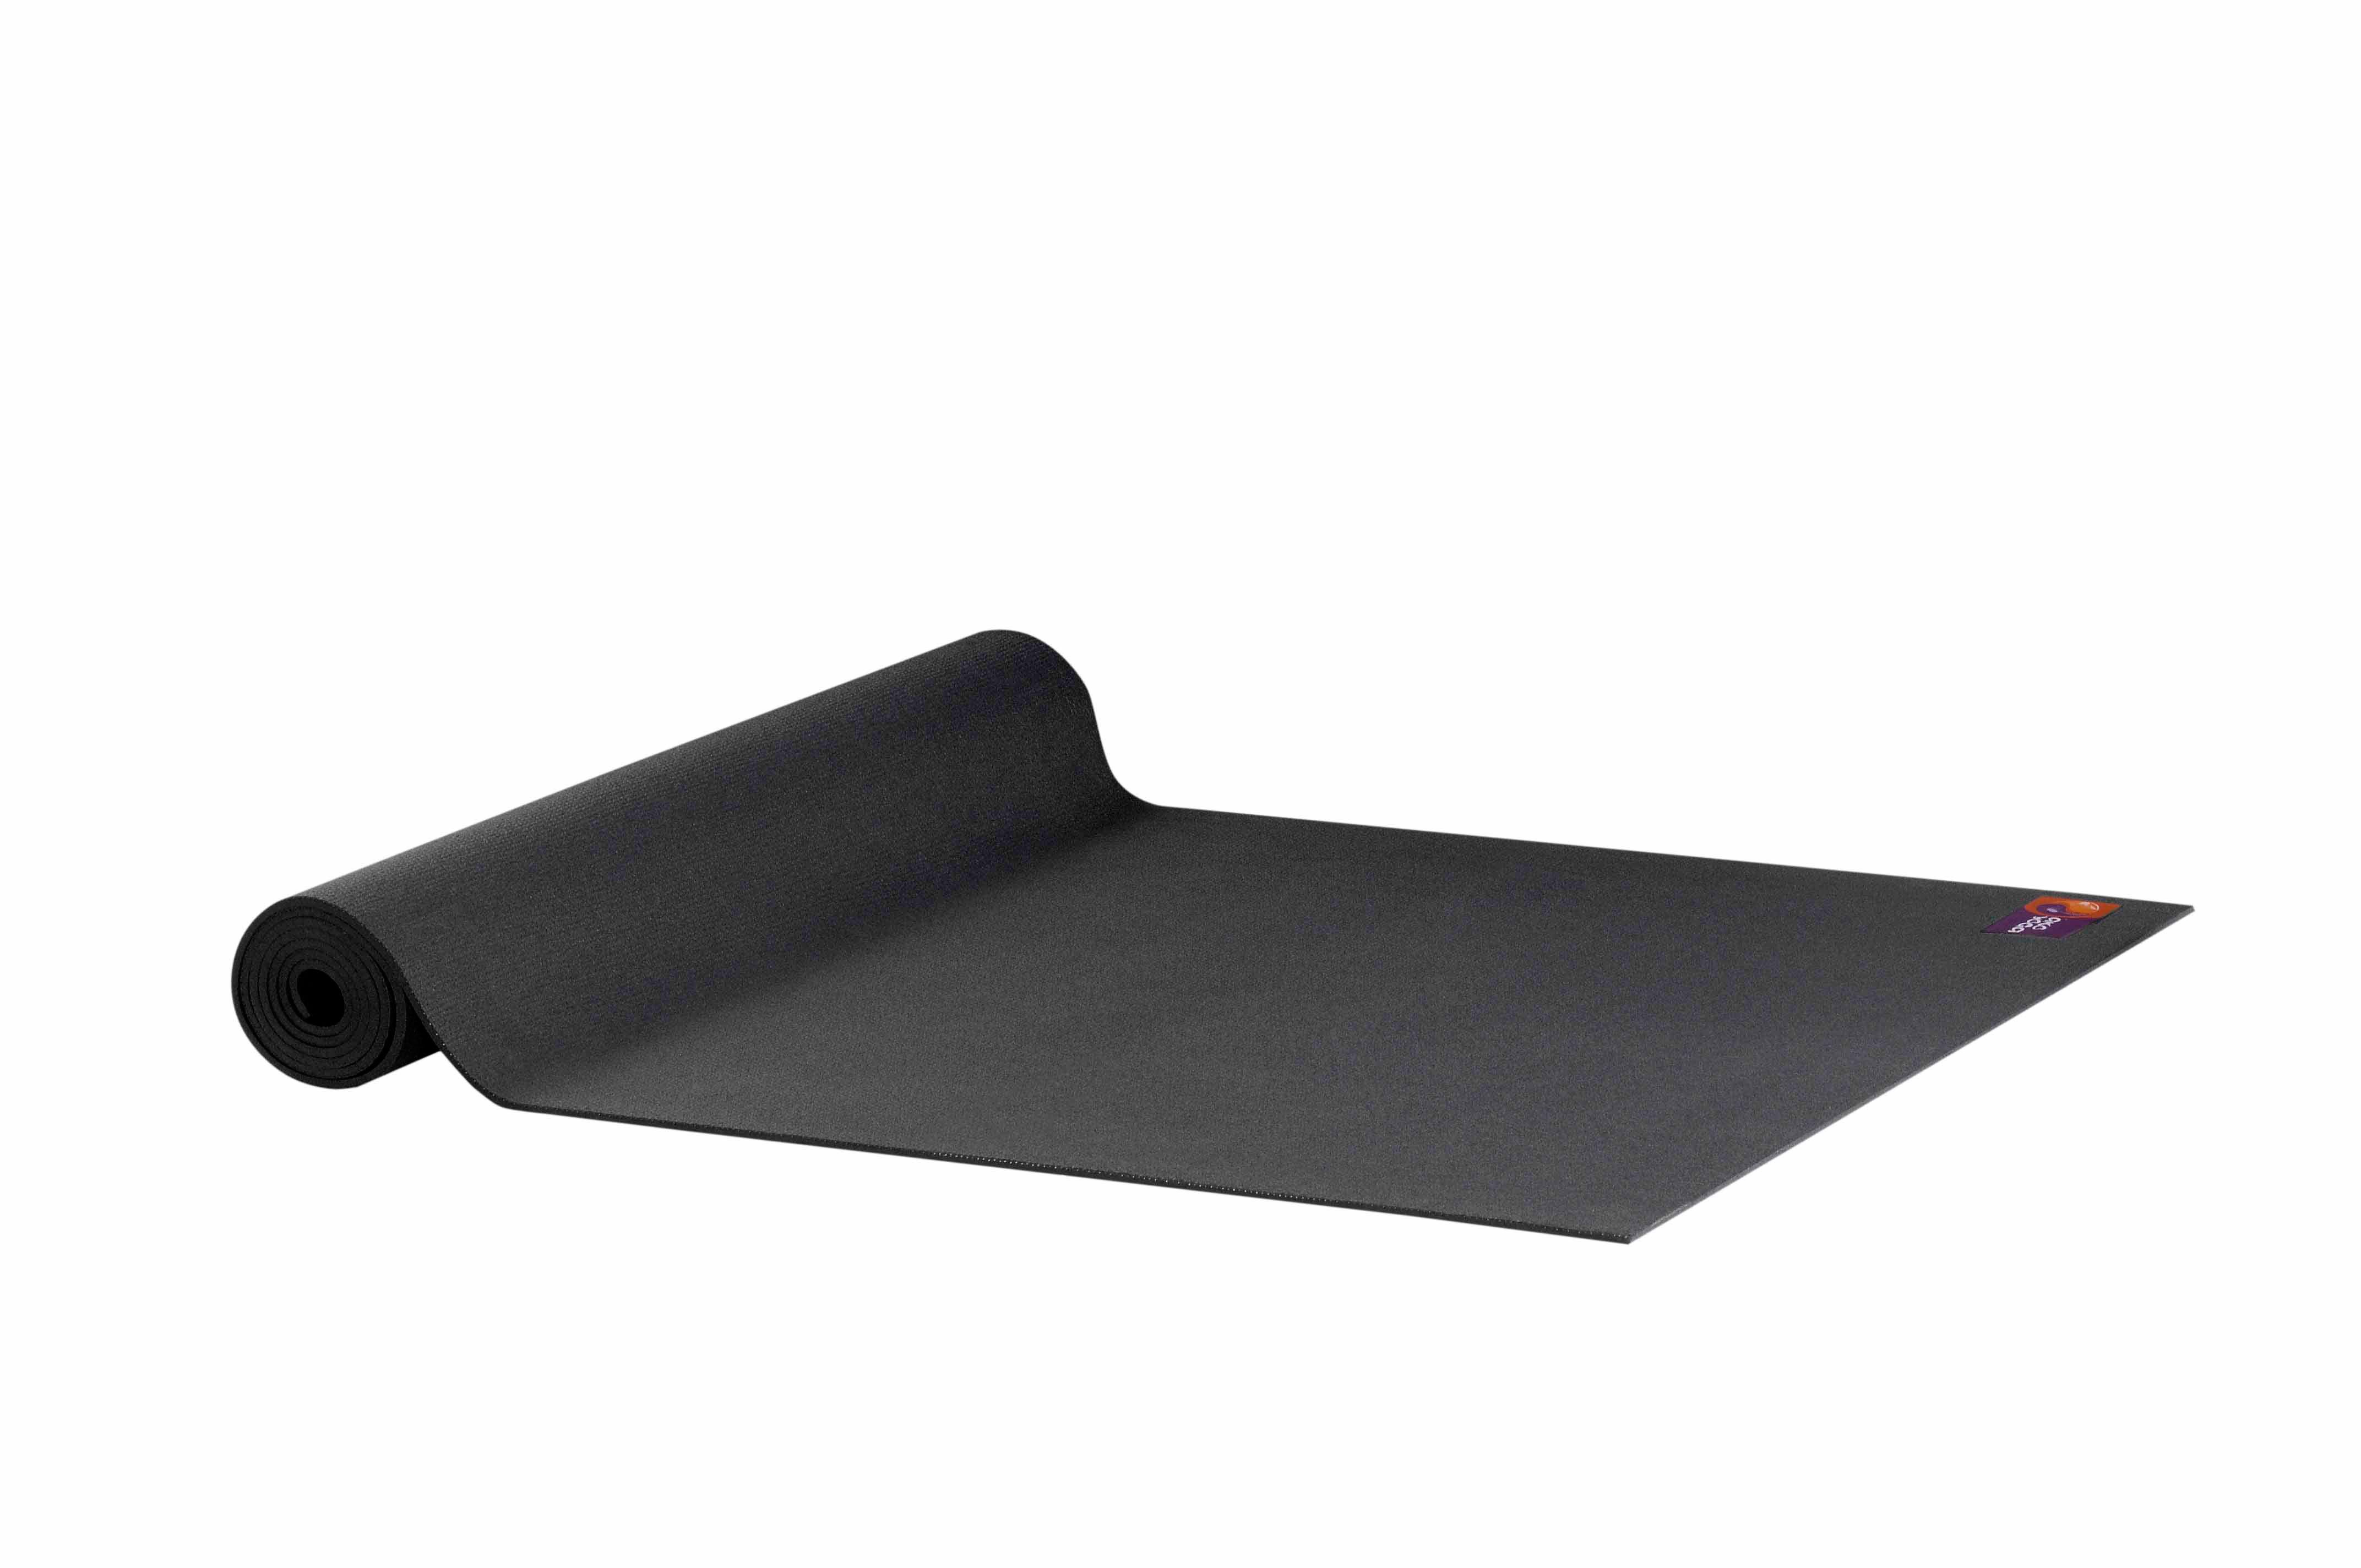 Ako Black Eco Yoga Mat Made In Germany Oeko100 Non Slip